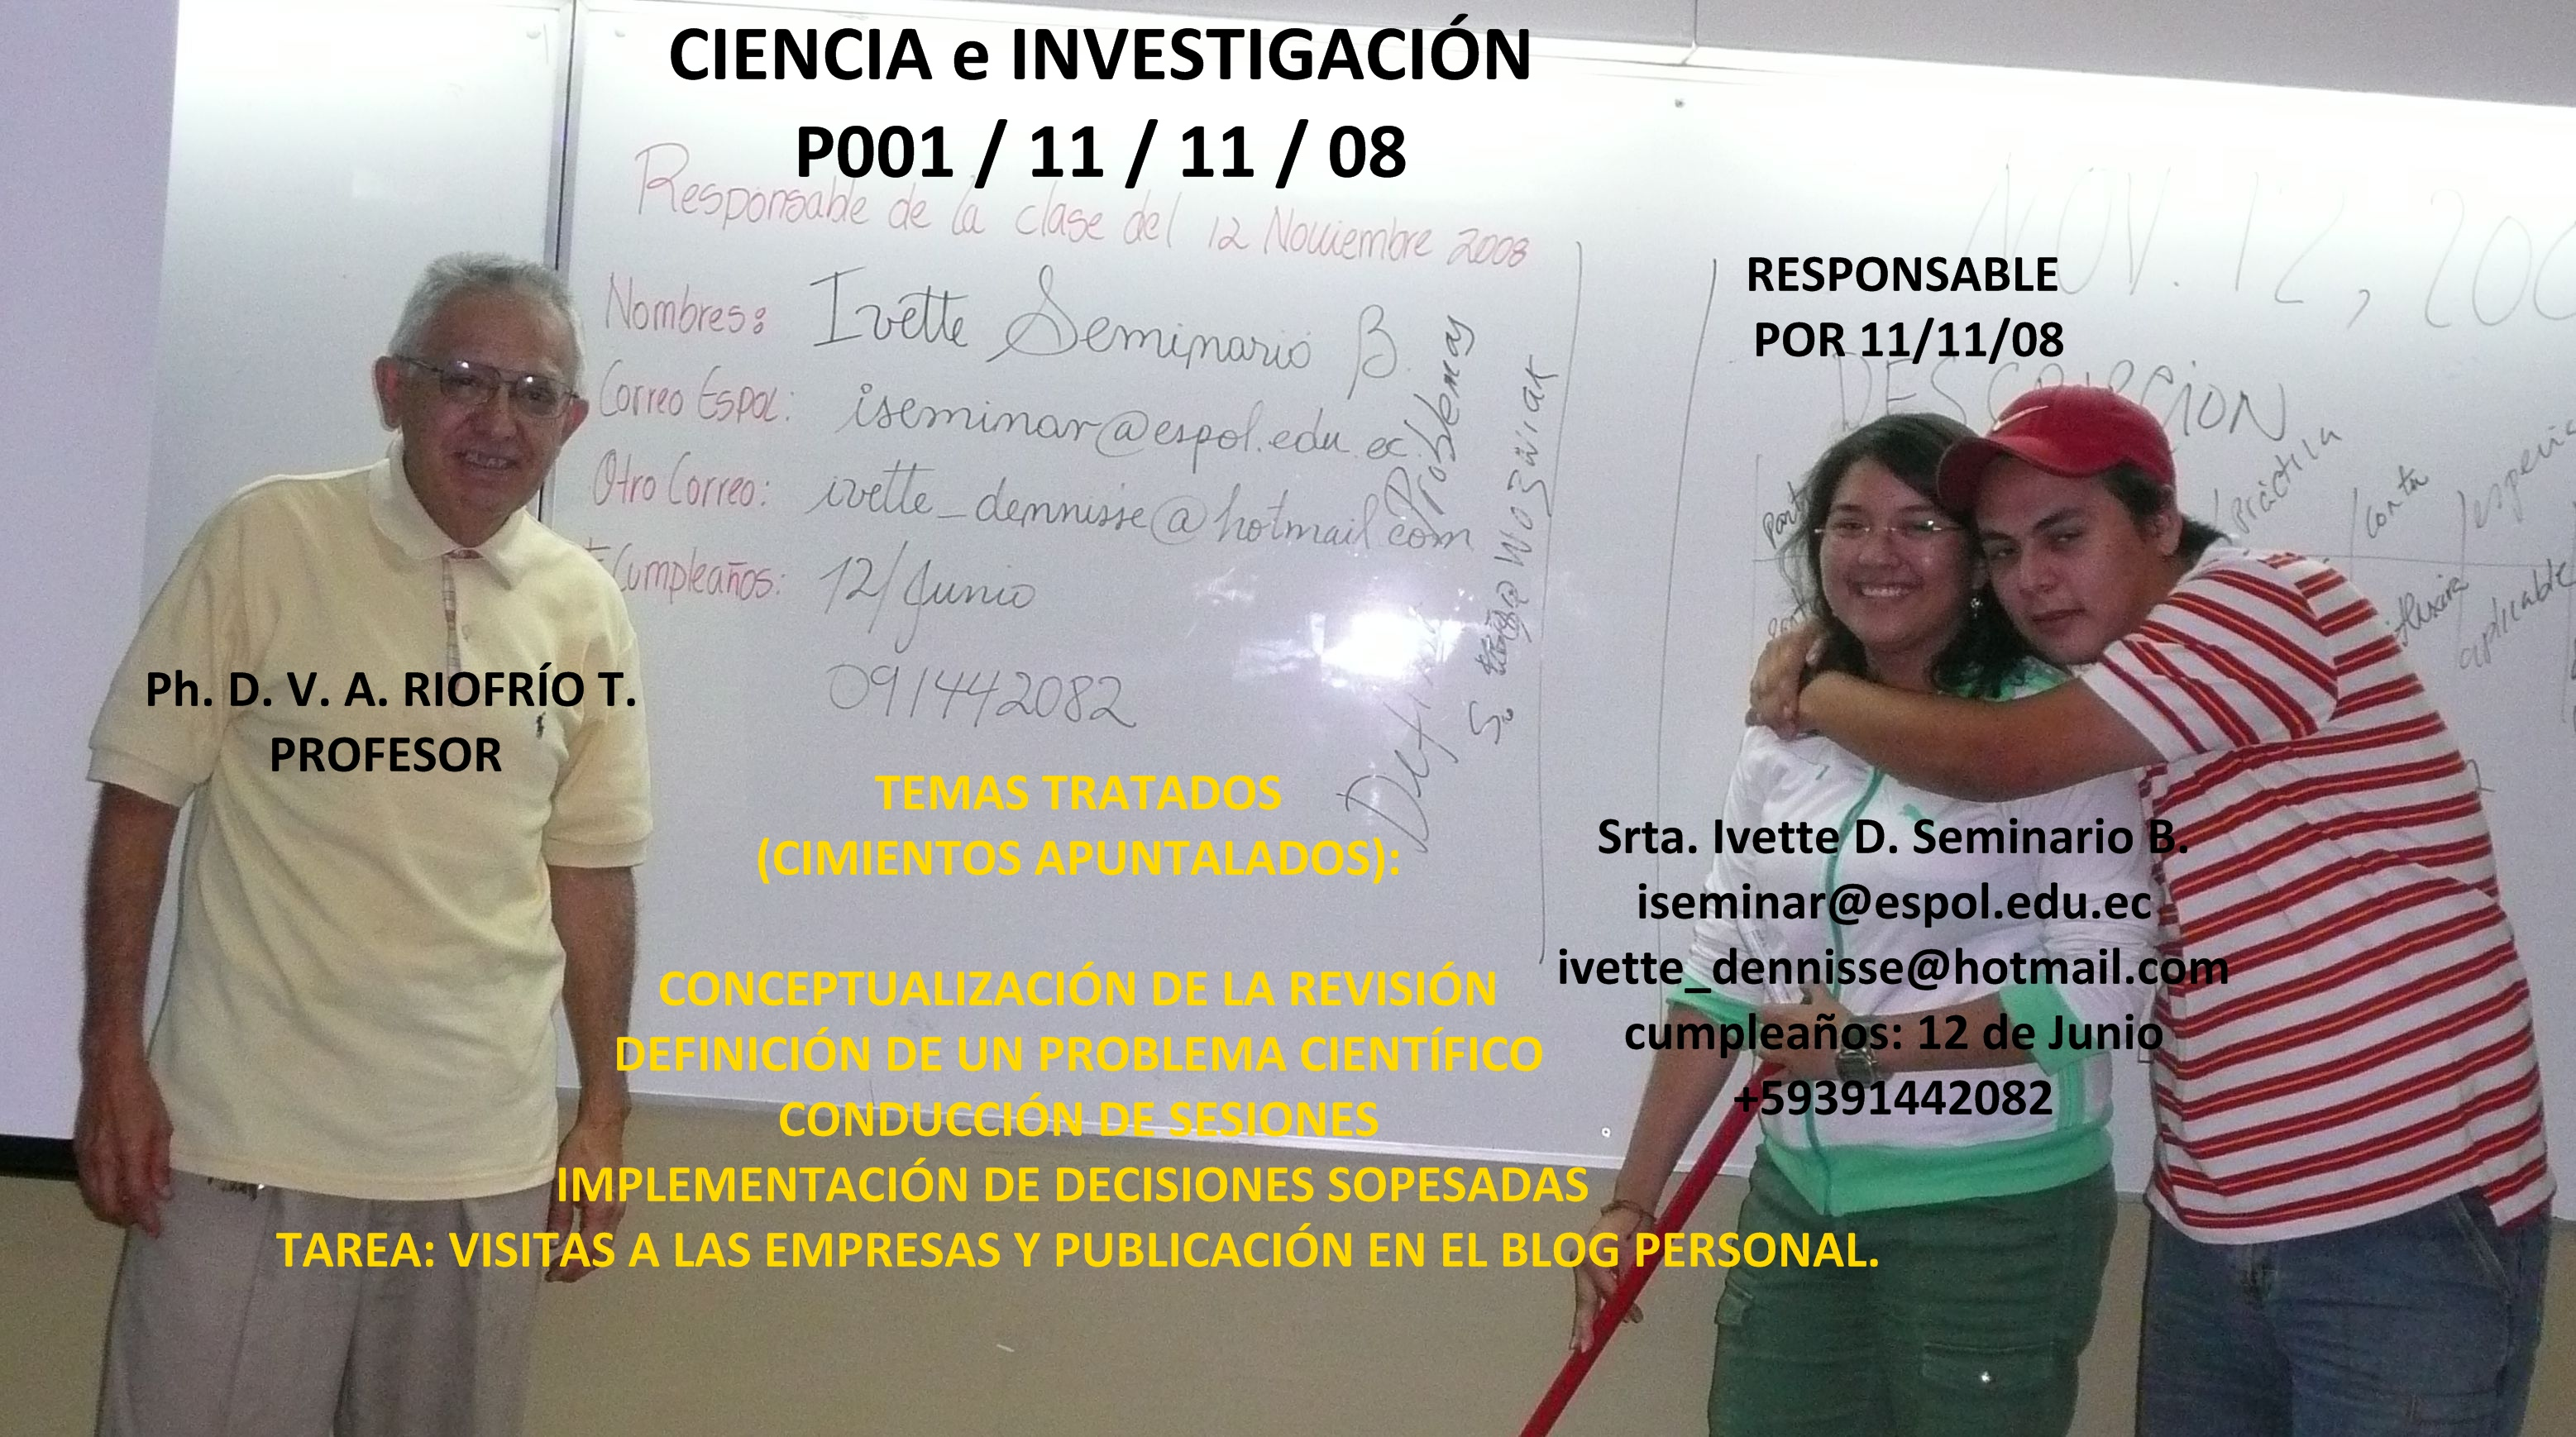 COMPAÑERA RESPONSABLE POR CLASE 12-11-08